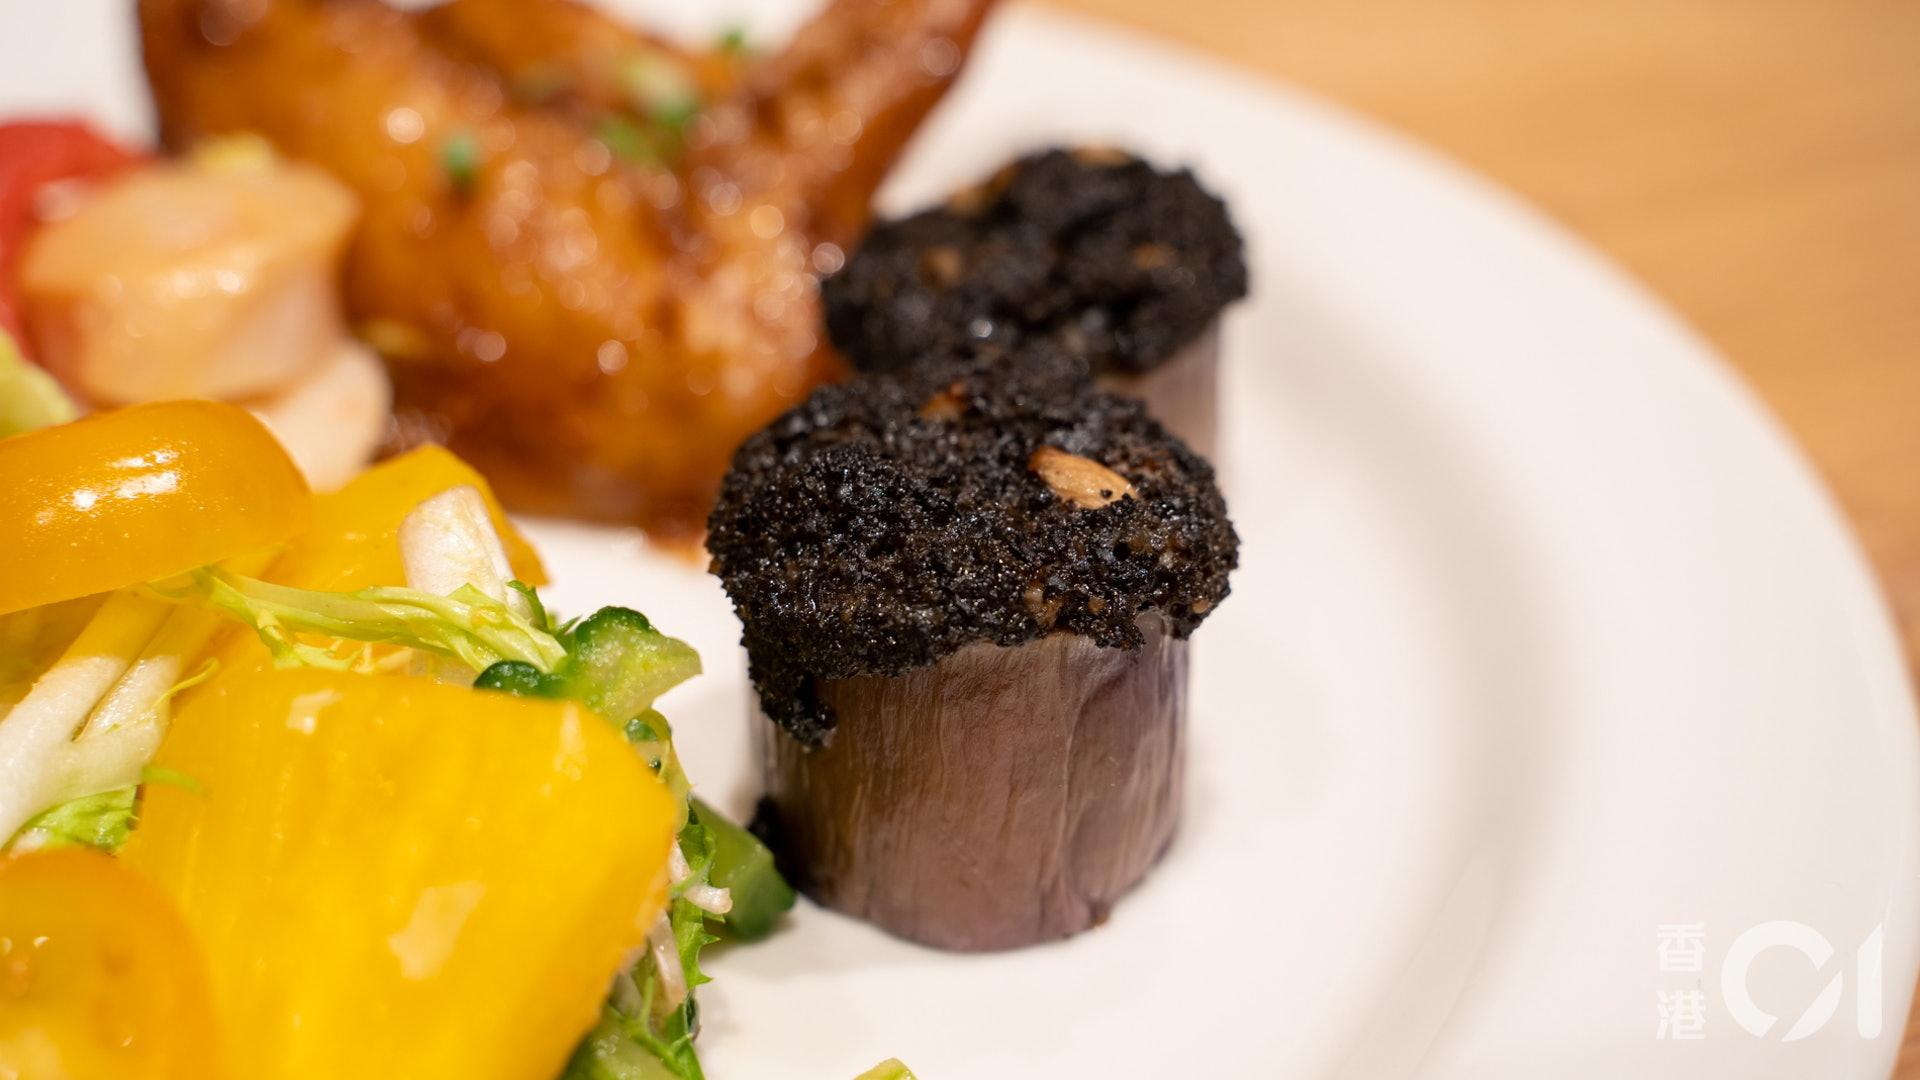 冷盤方面,烤雜菌配半風乾番茄酸酸甜甜的,很開胃。芝麻醬拌菠菜冬菇則混合多種蔬菜,口感層次豐富。